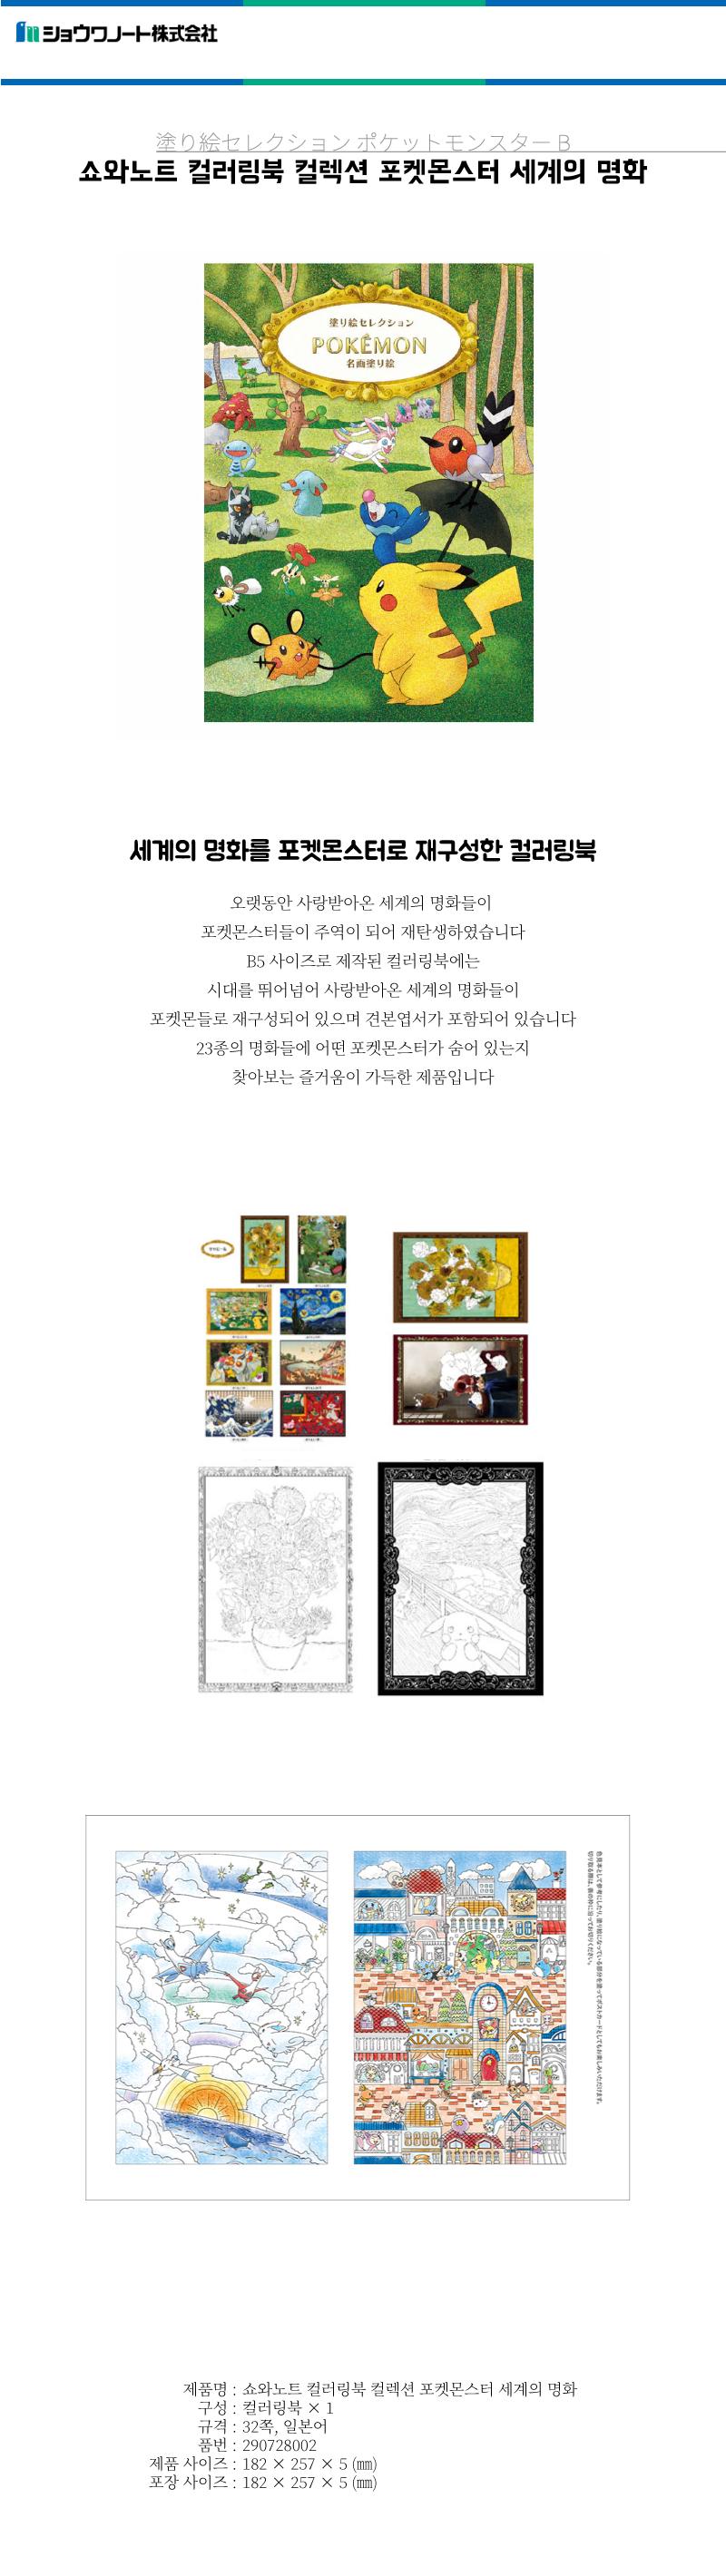 쇼와노트 컬러링북 컬렉션 포켓몬스터 세계의 명화 - 캘리하우스, 9,000원, 화방지류, 스케치북